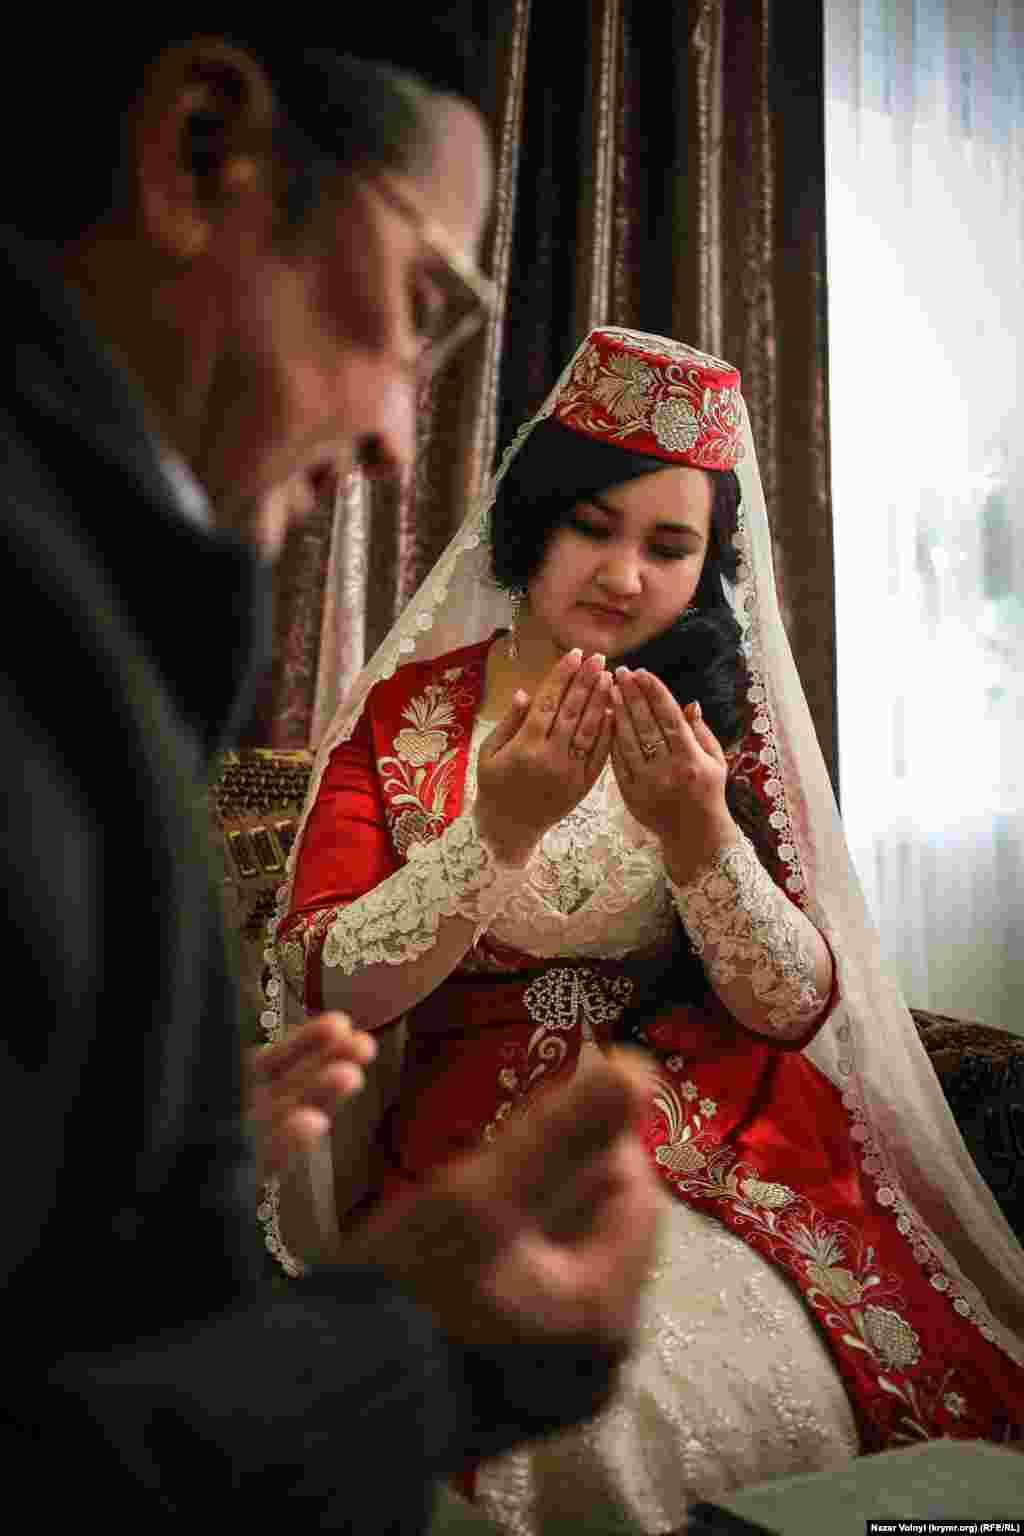 Qırımtatarlar içün eñ müimi «imam nikâhıdır». Ateizm ve din ile küreş yıllarında qırımtatarlar qıznı nikâhsız bermegen ediler.